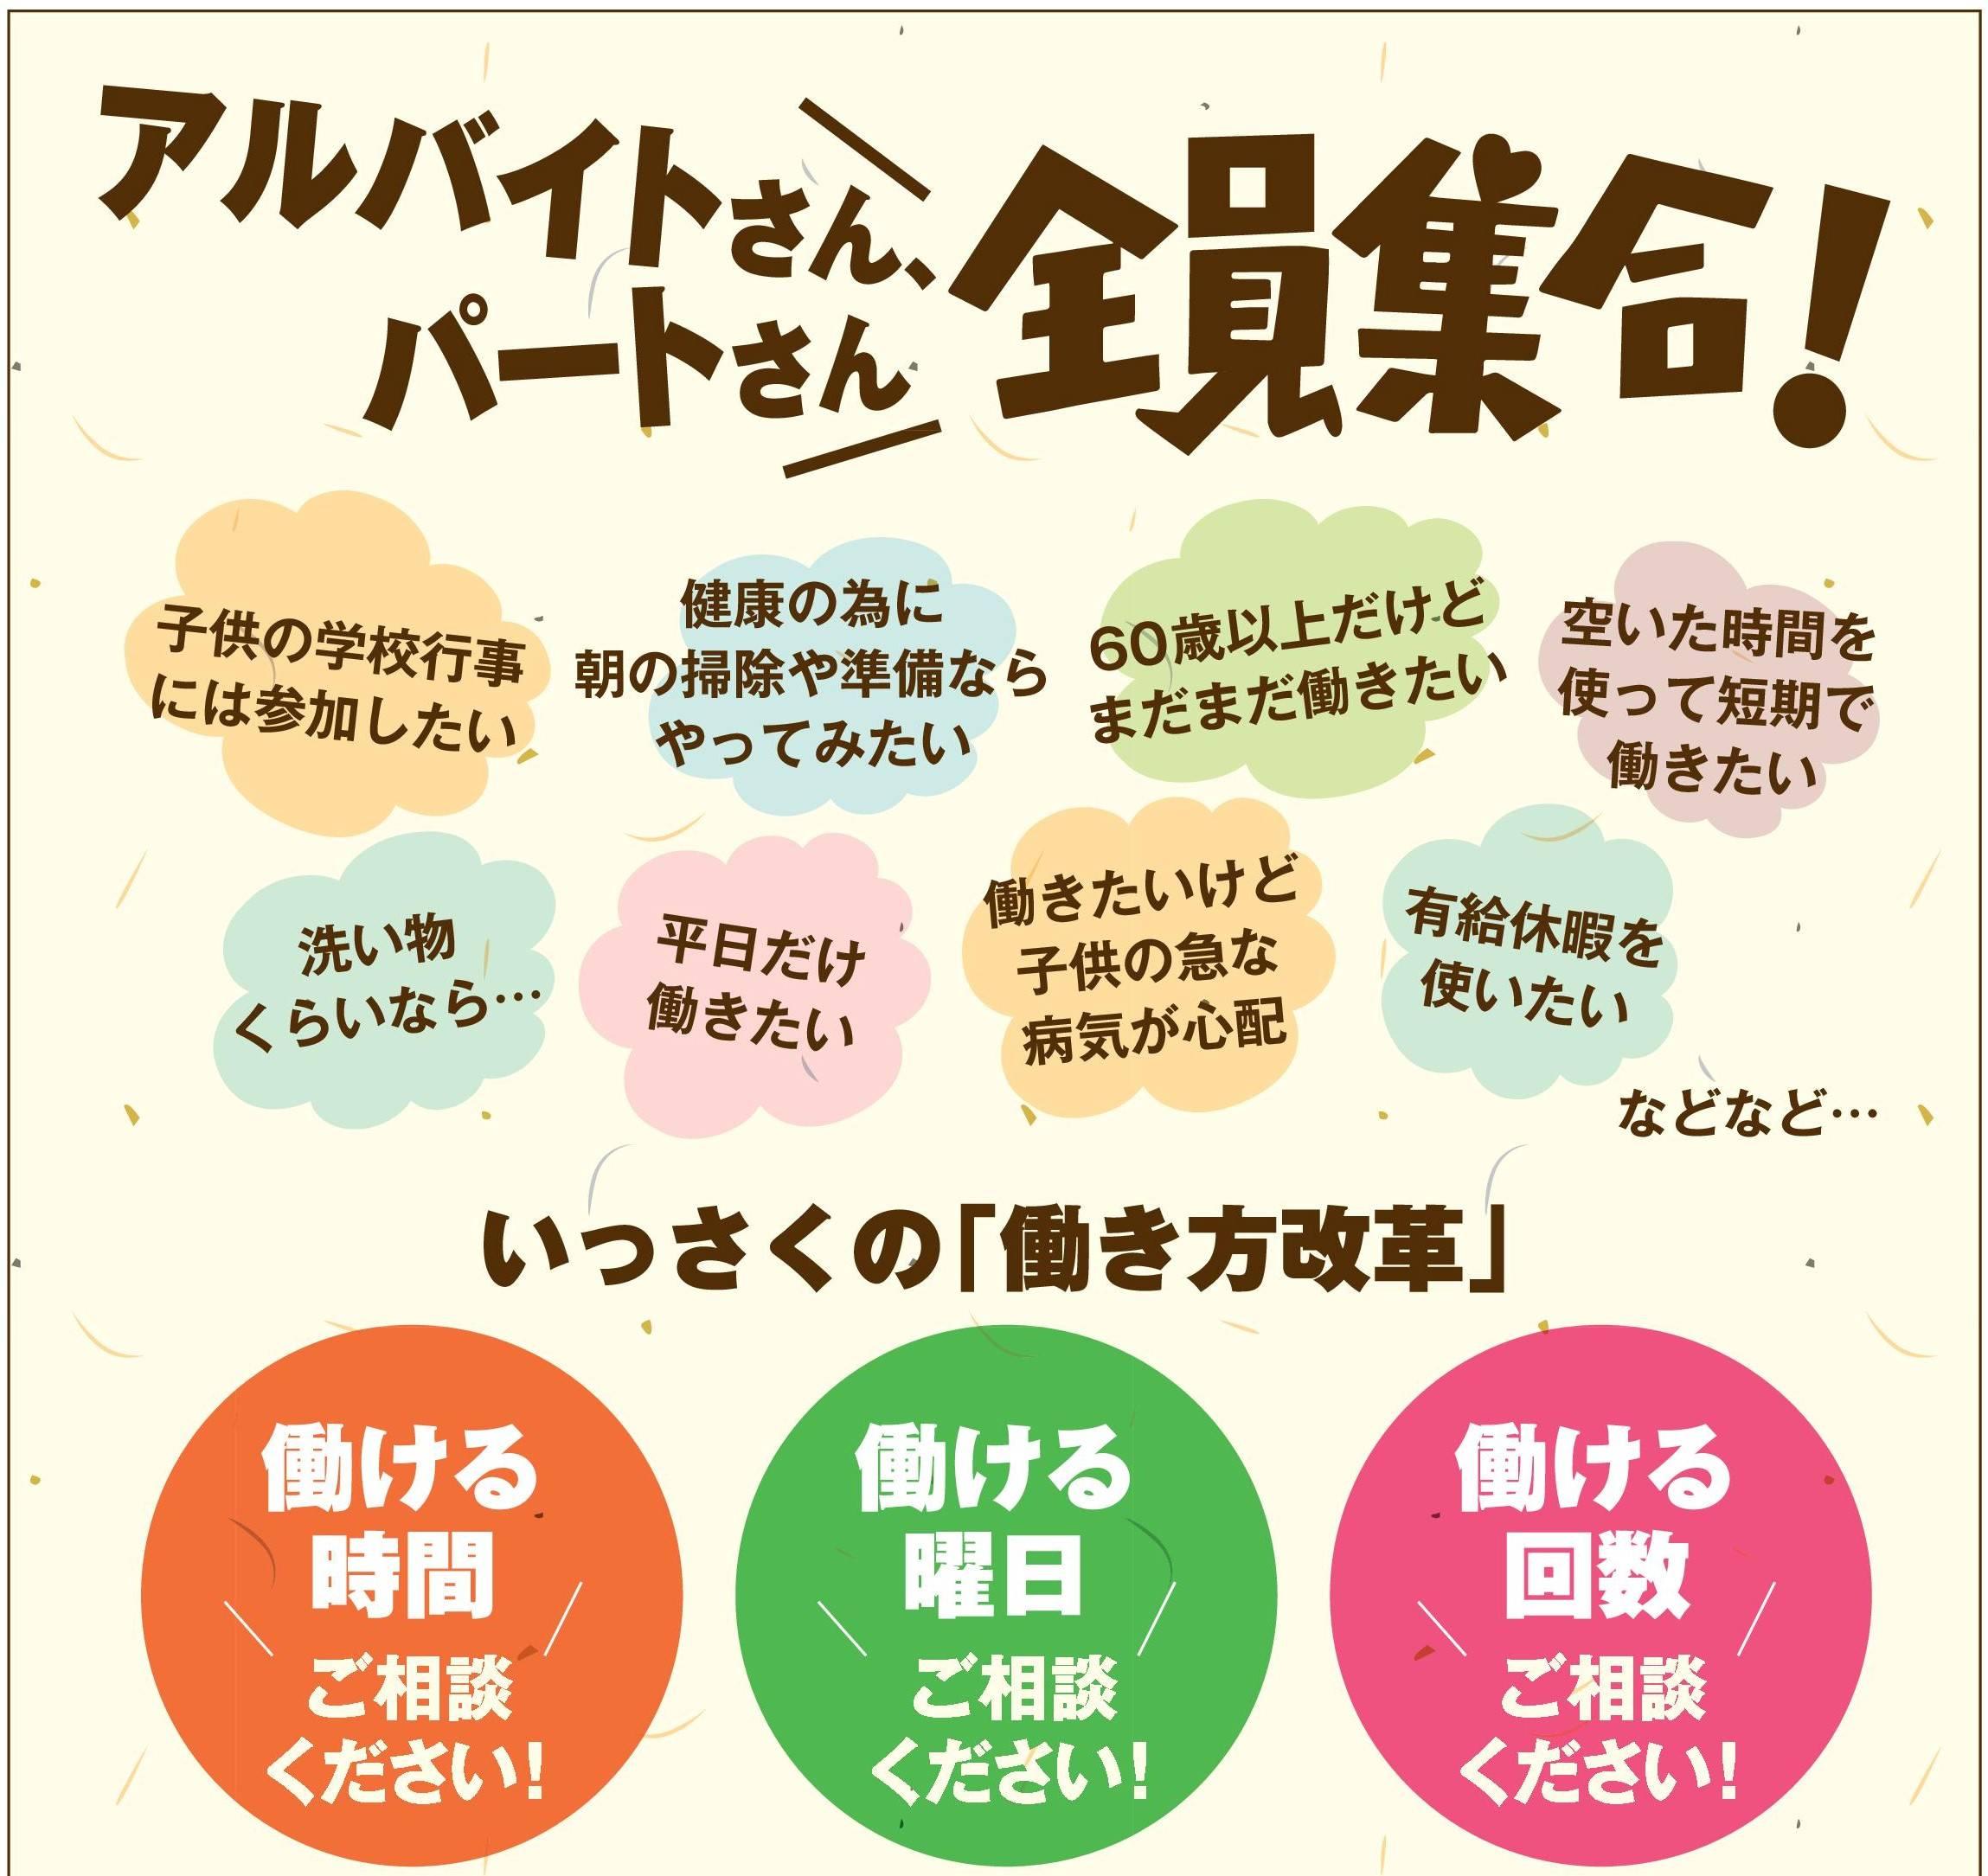 いっさく妙高新井店(グローバルフーズ株式会社)